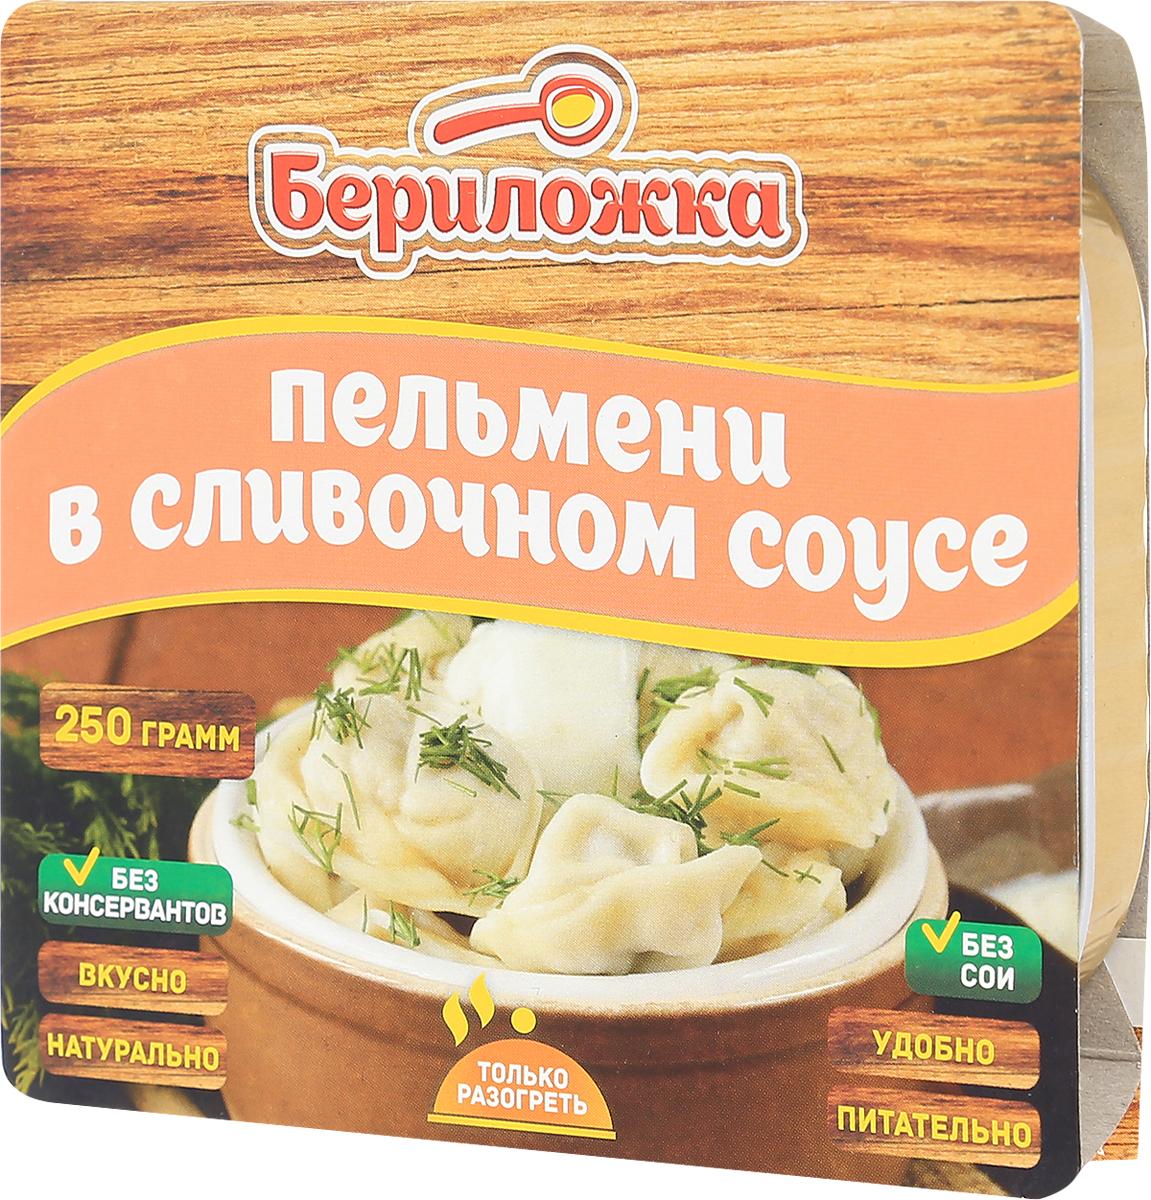 Бериложка пельмени в сливочном соусе, 250 г морозко пельмени таёжные 900 г